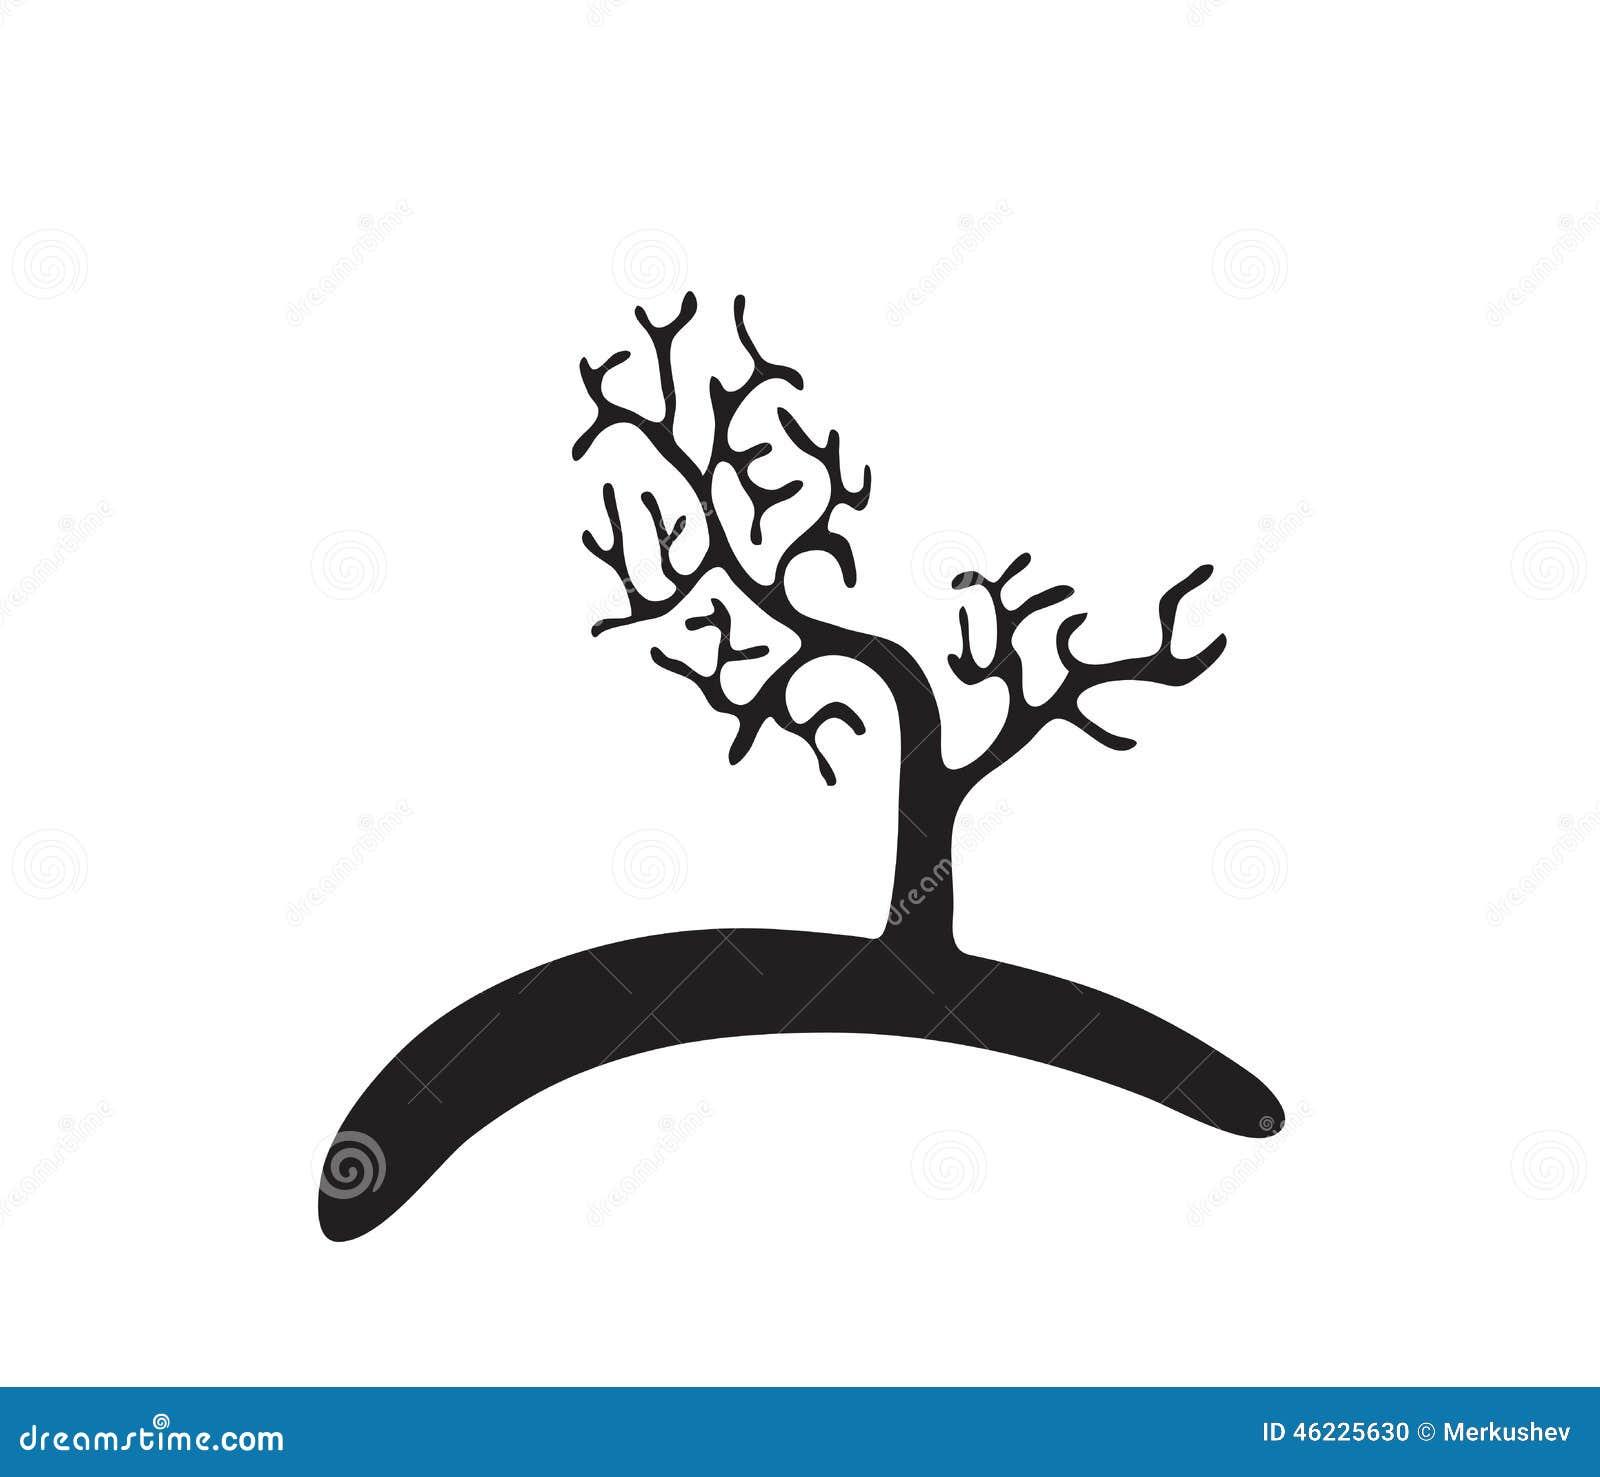 Μαύρο δέντρο χωρίς φύλλα, διάνυσμα